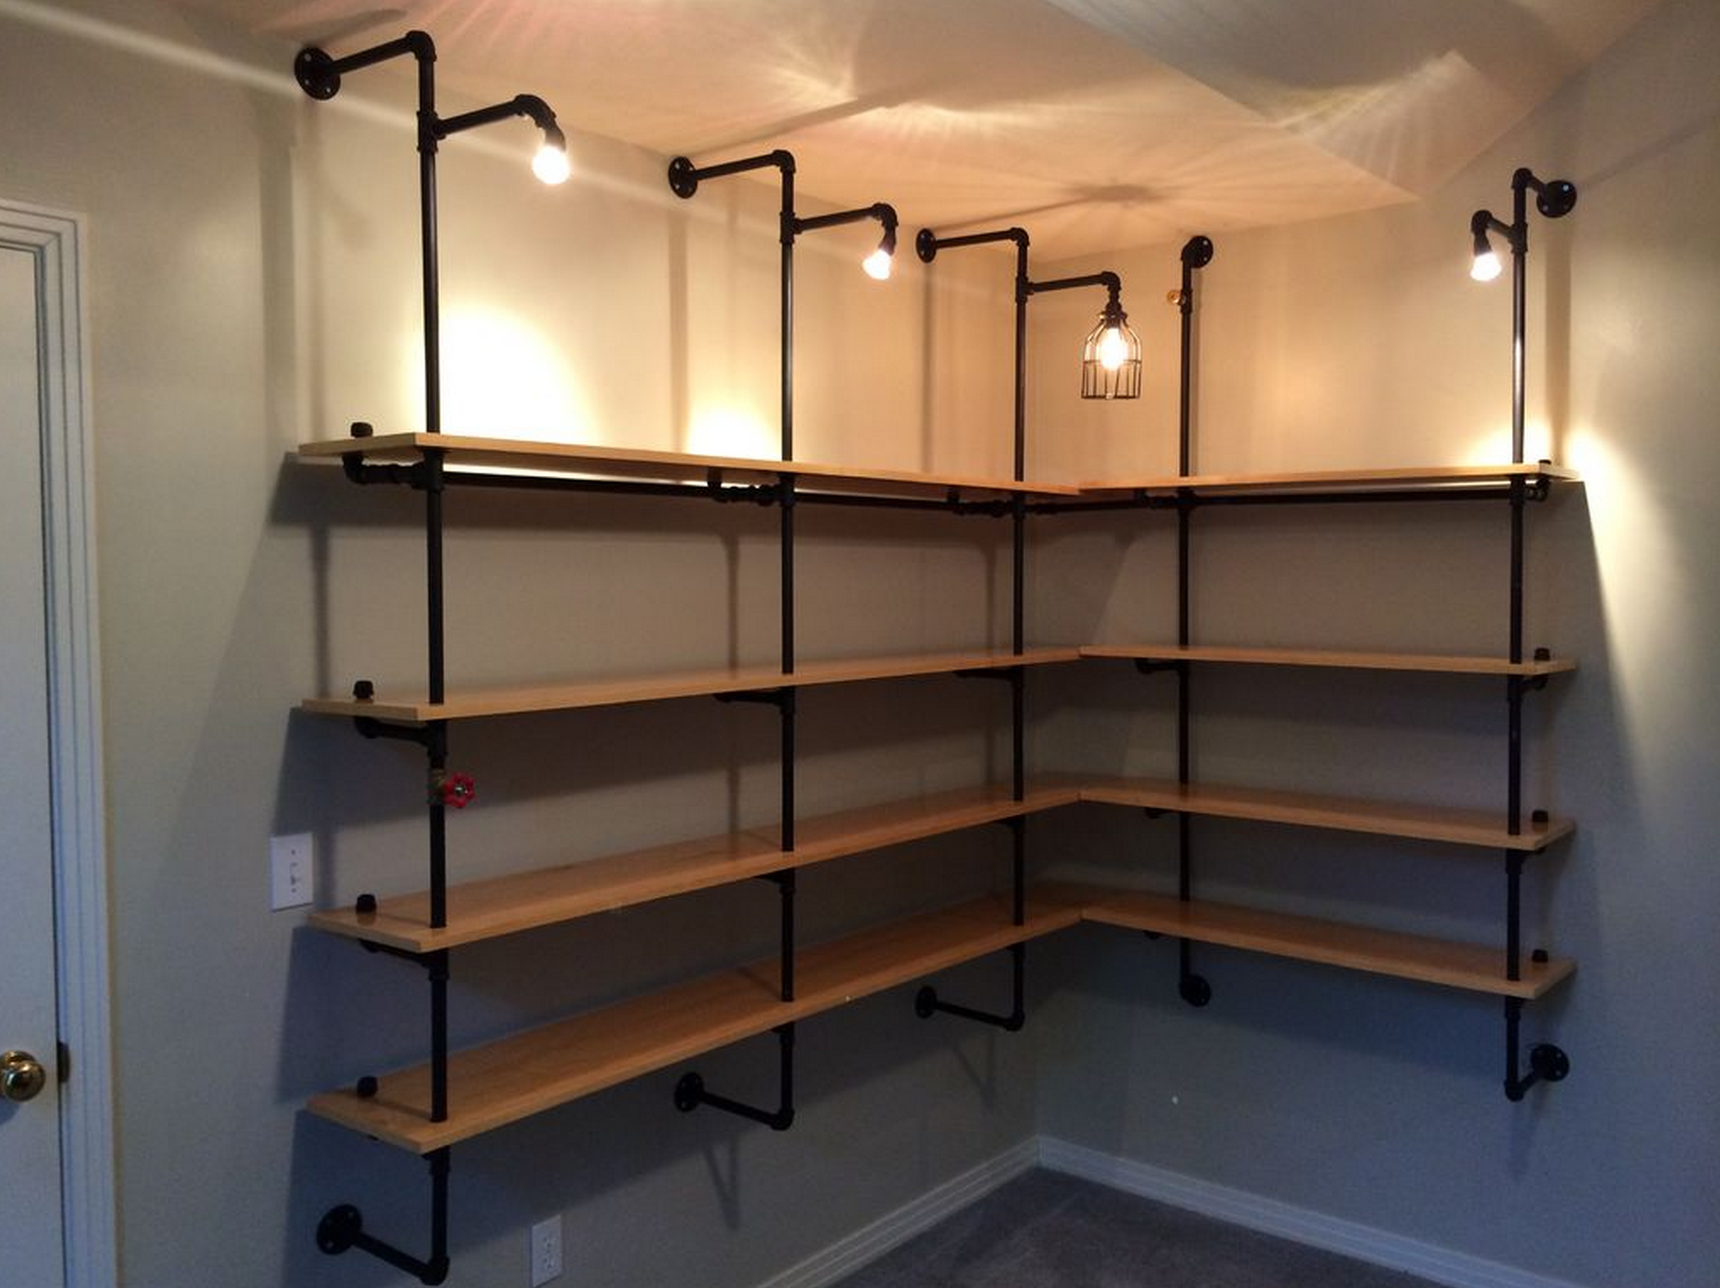 Closet Light Options U2026 #retrohomedecor